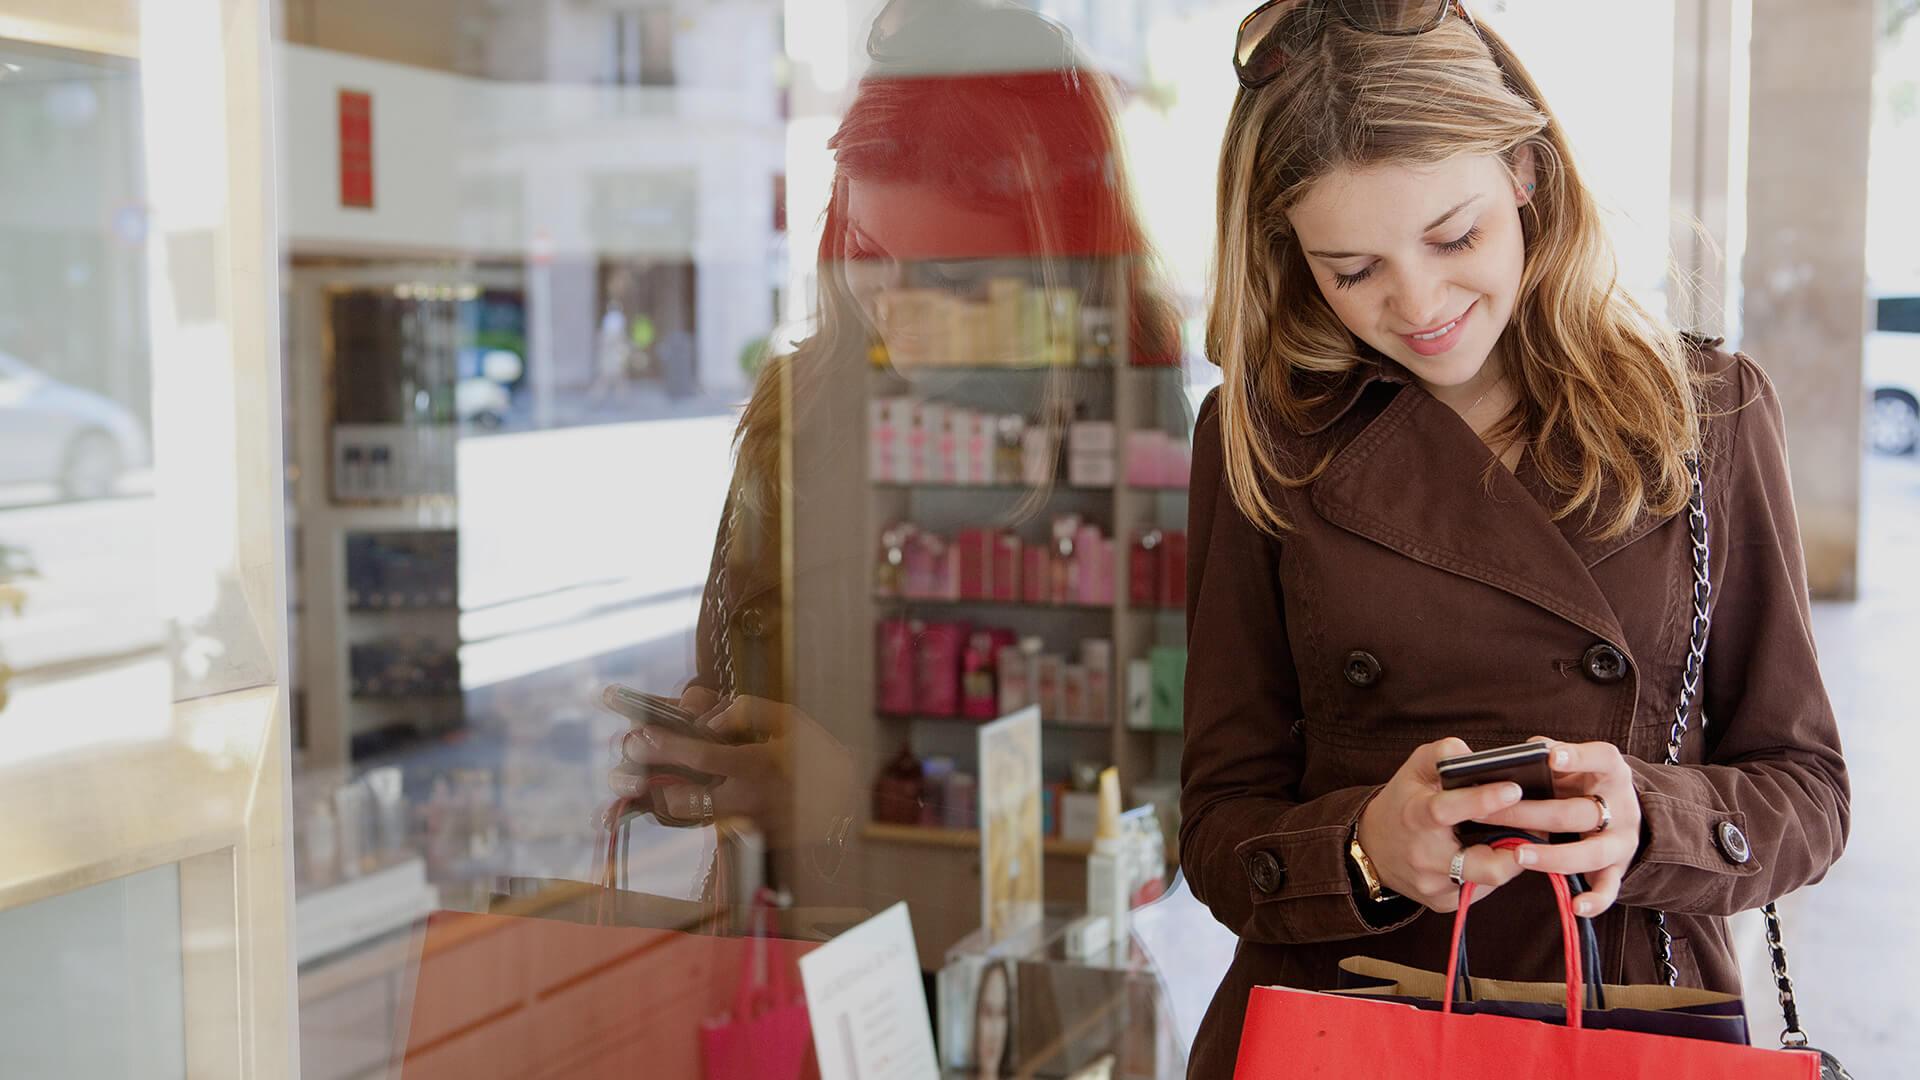 El viaje de decisiones del consumidor en el mercado minorista de búsqueda cada vez más complejo